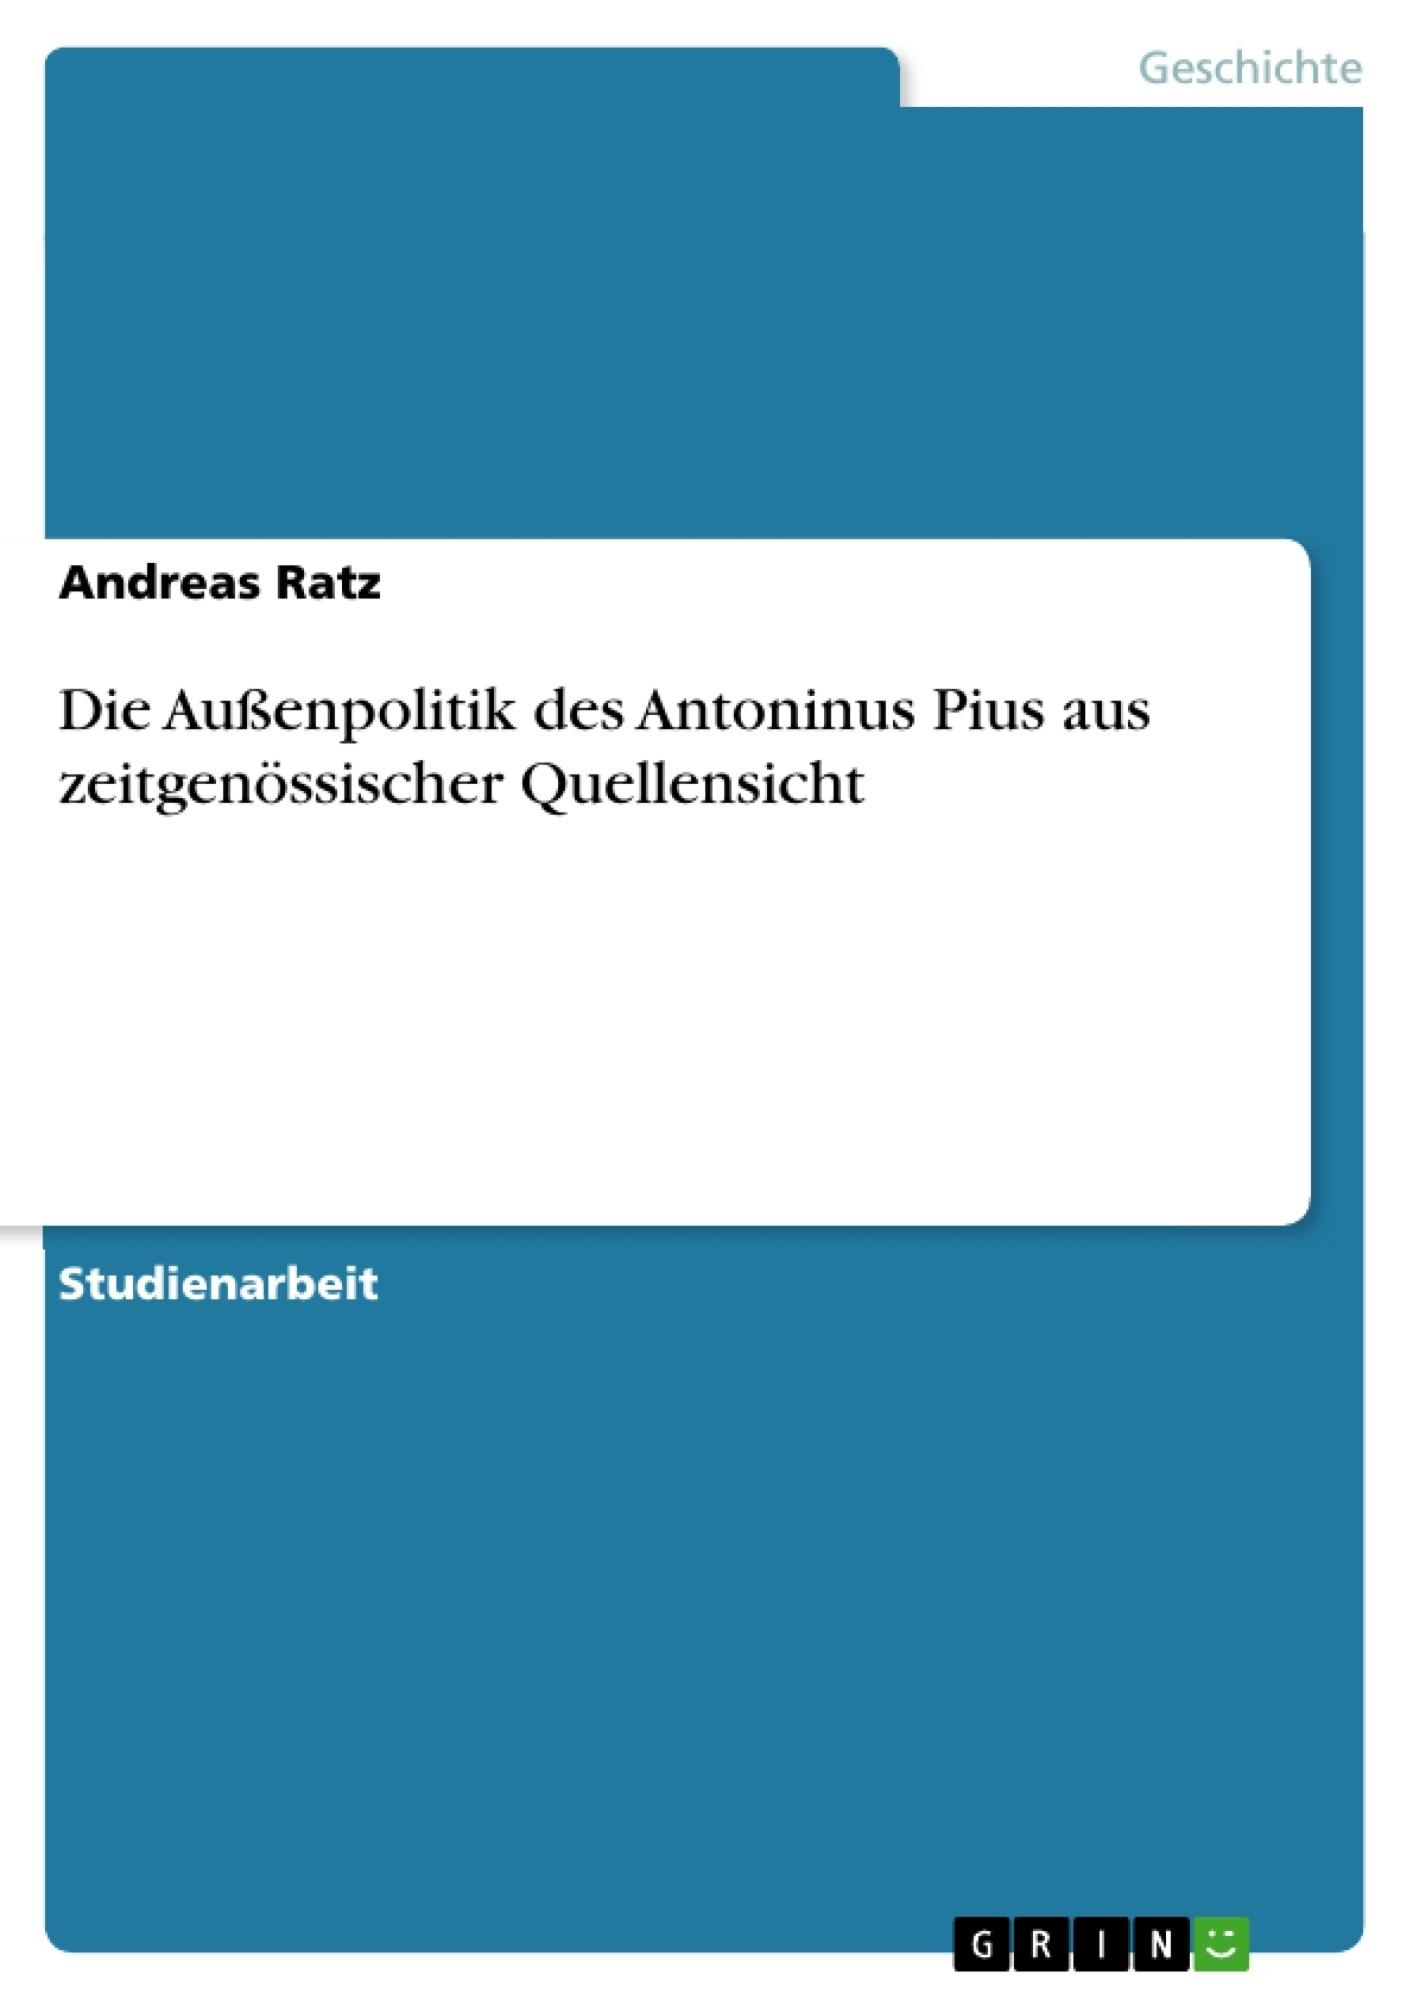 Titel: Die Außenpolitik des Antoninus Pius aus zeitgenössischer Quellensicht